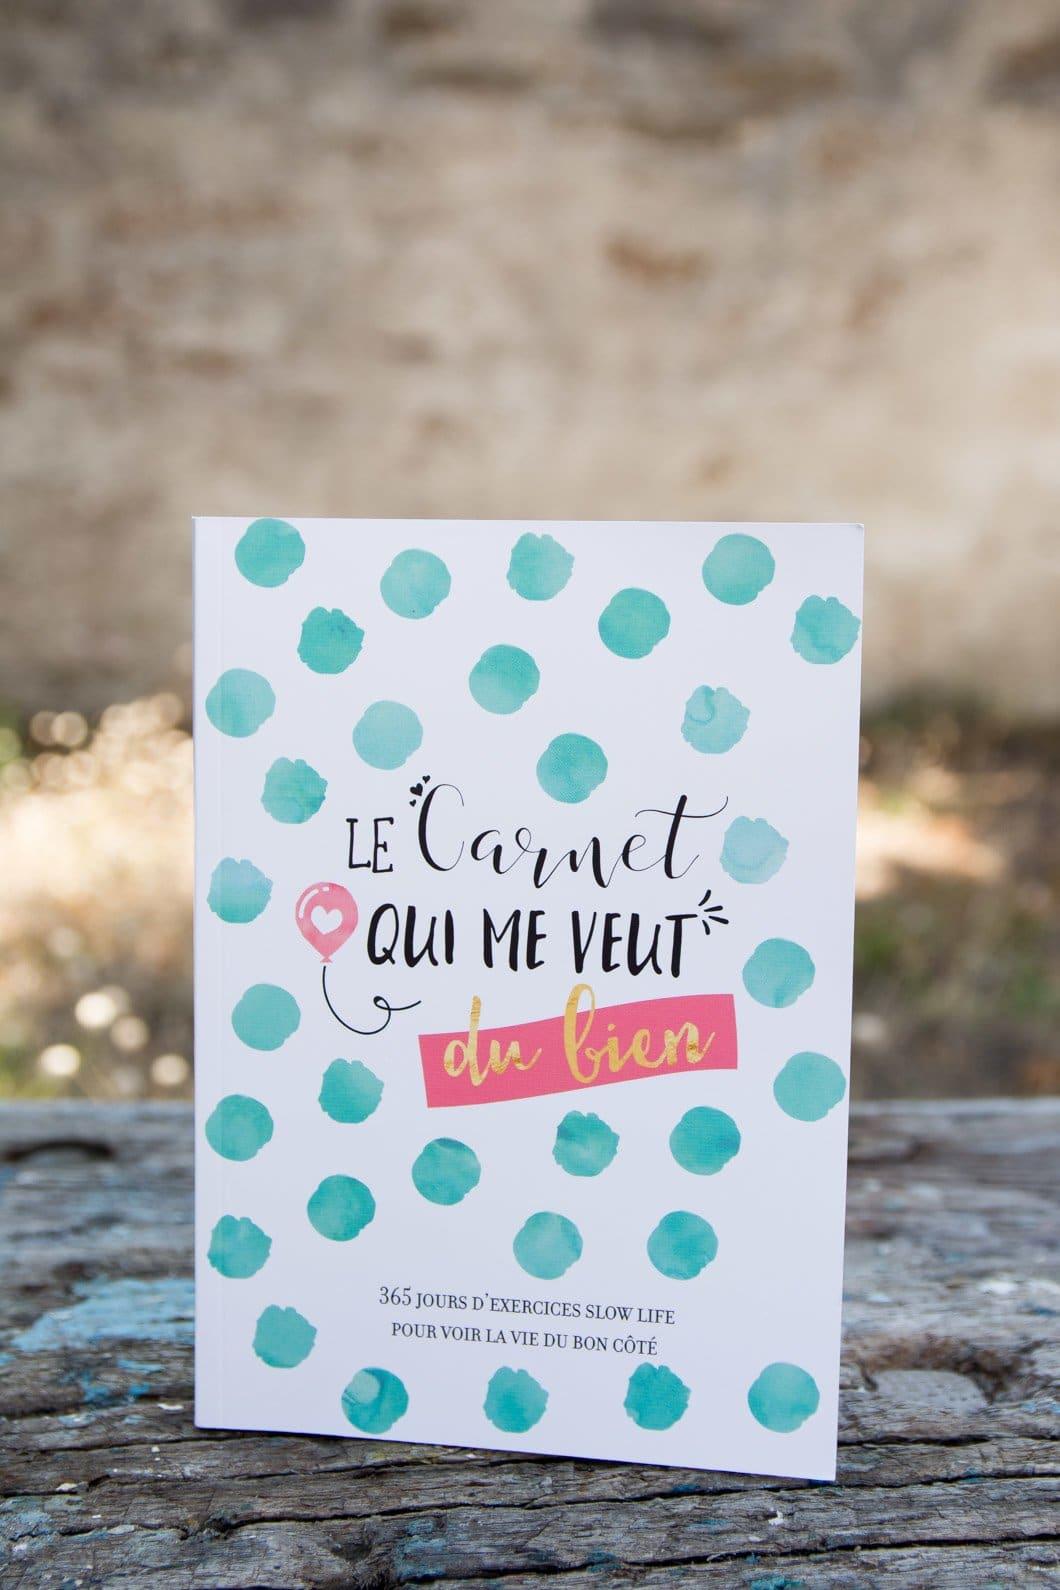 Le carnet qui me veut du bien : 365 jours d'exercices Slow Life pour voir la vie du bon côté - 22 v'la Scarlett